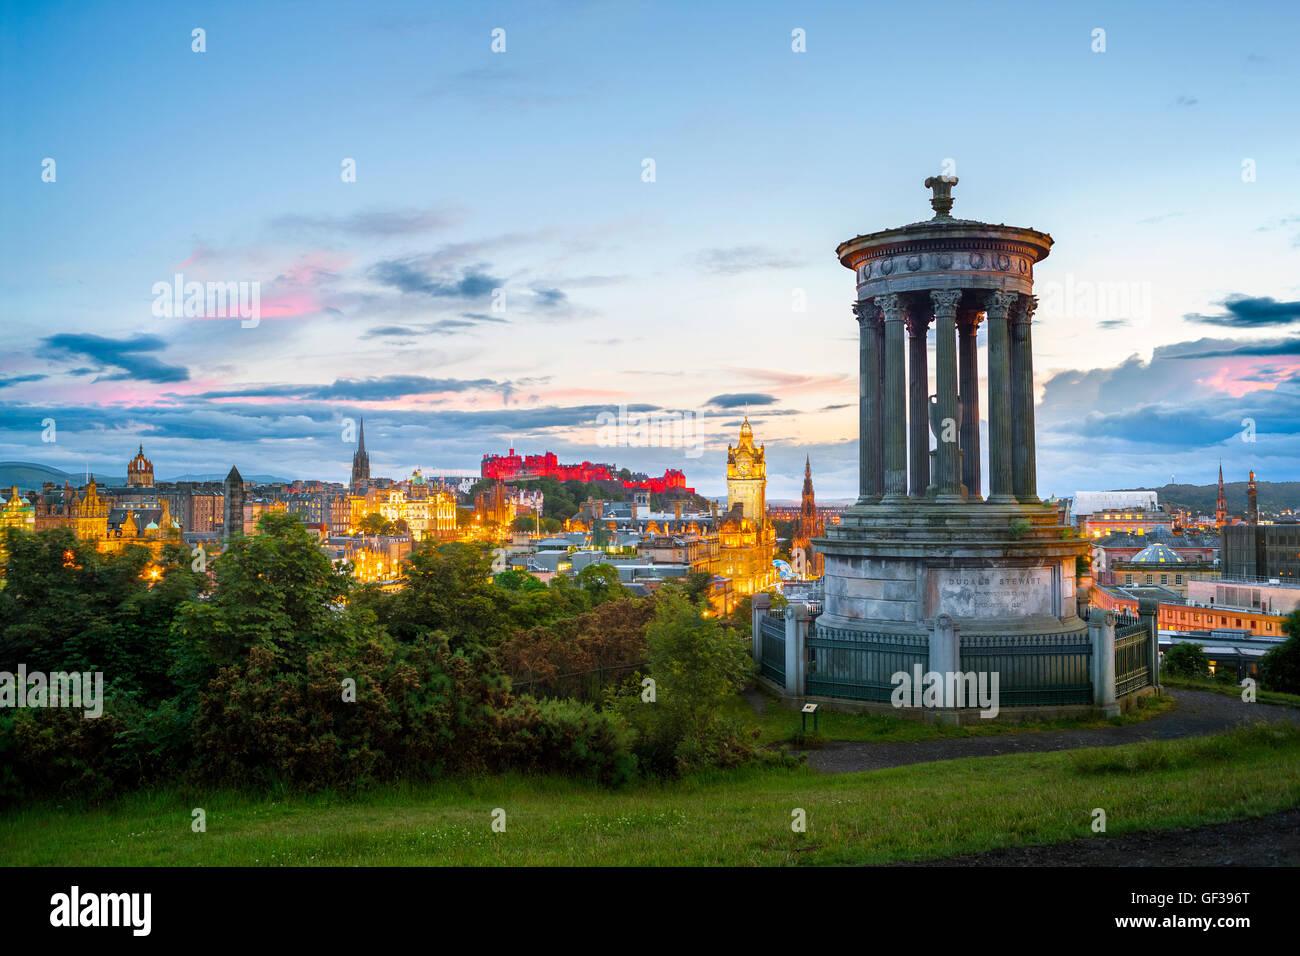 Lo Skyline di Edimburgo dal Cantone di collina con il Castello di Edinburgo e la Città Vecchia al tramonto in estate. Foto Stock